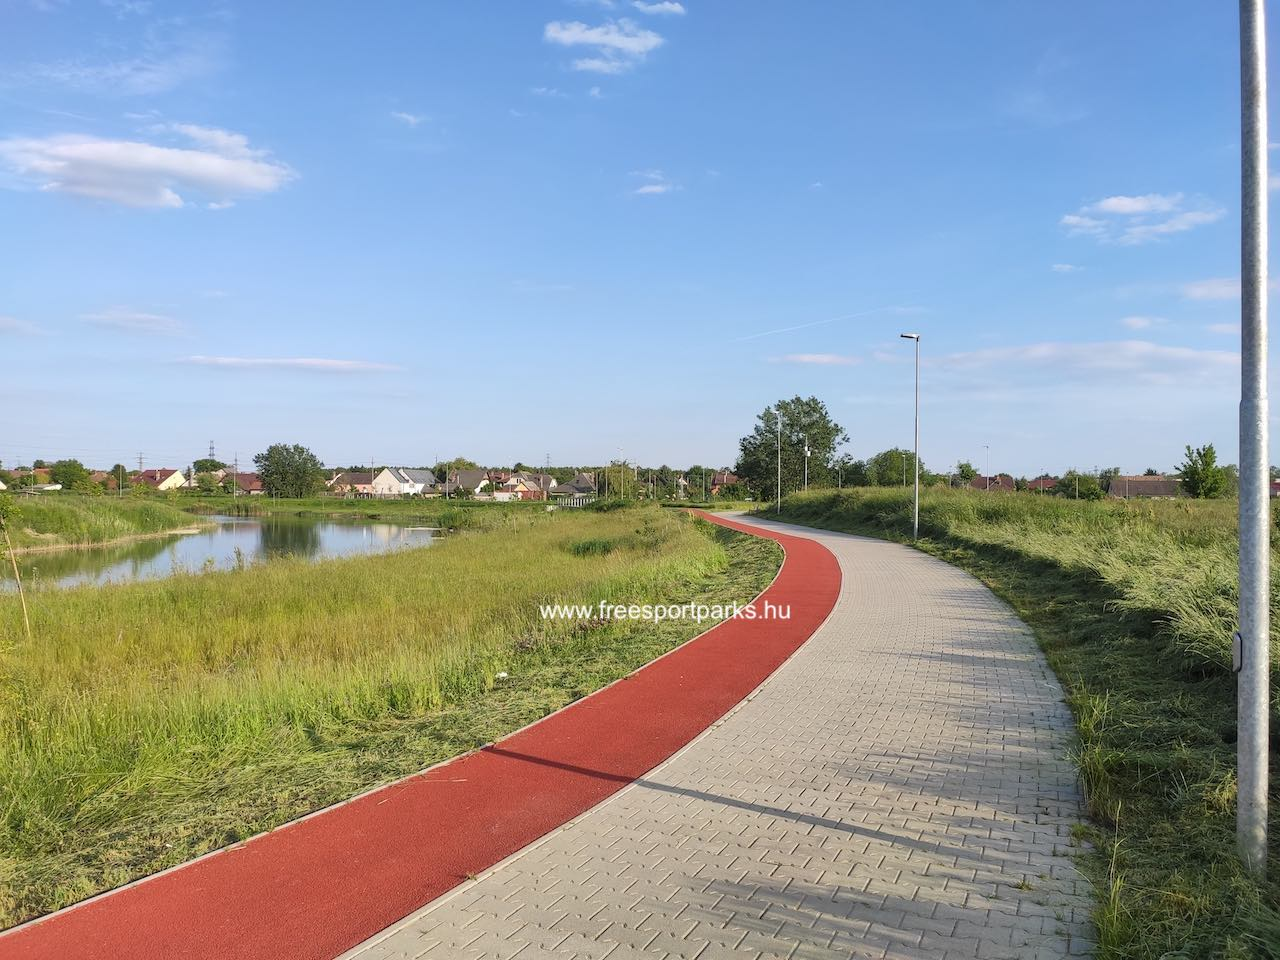 rekortán futópálya - Érdliget szabadidőpark - Free Sport Parks térkép